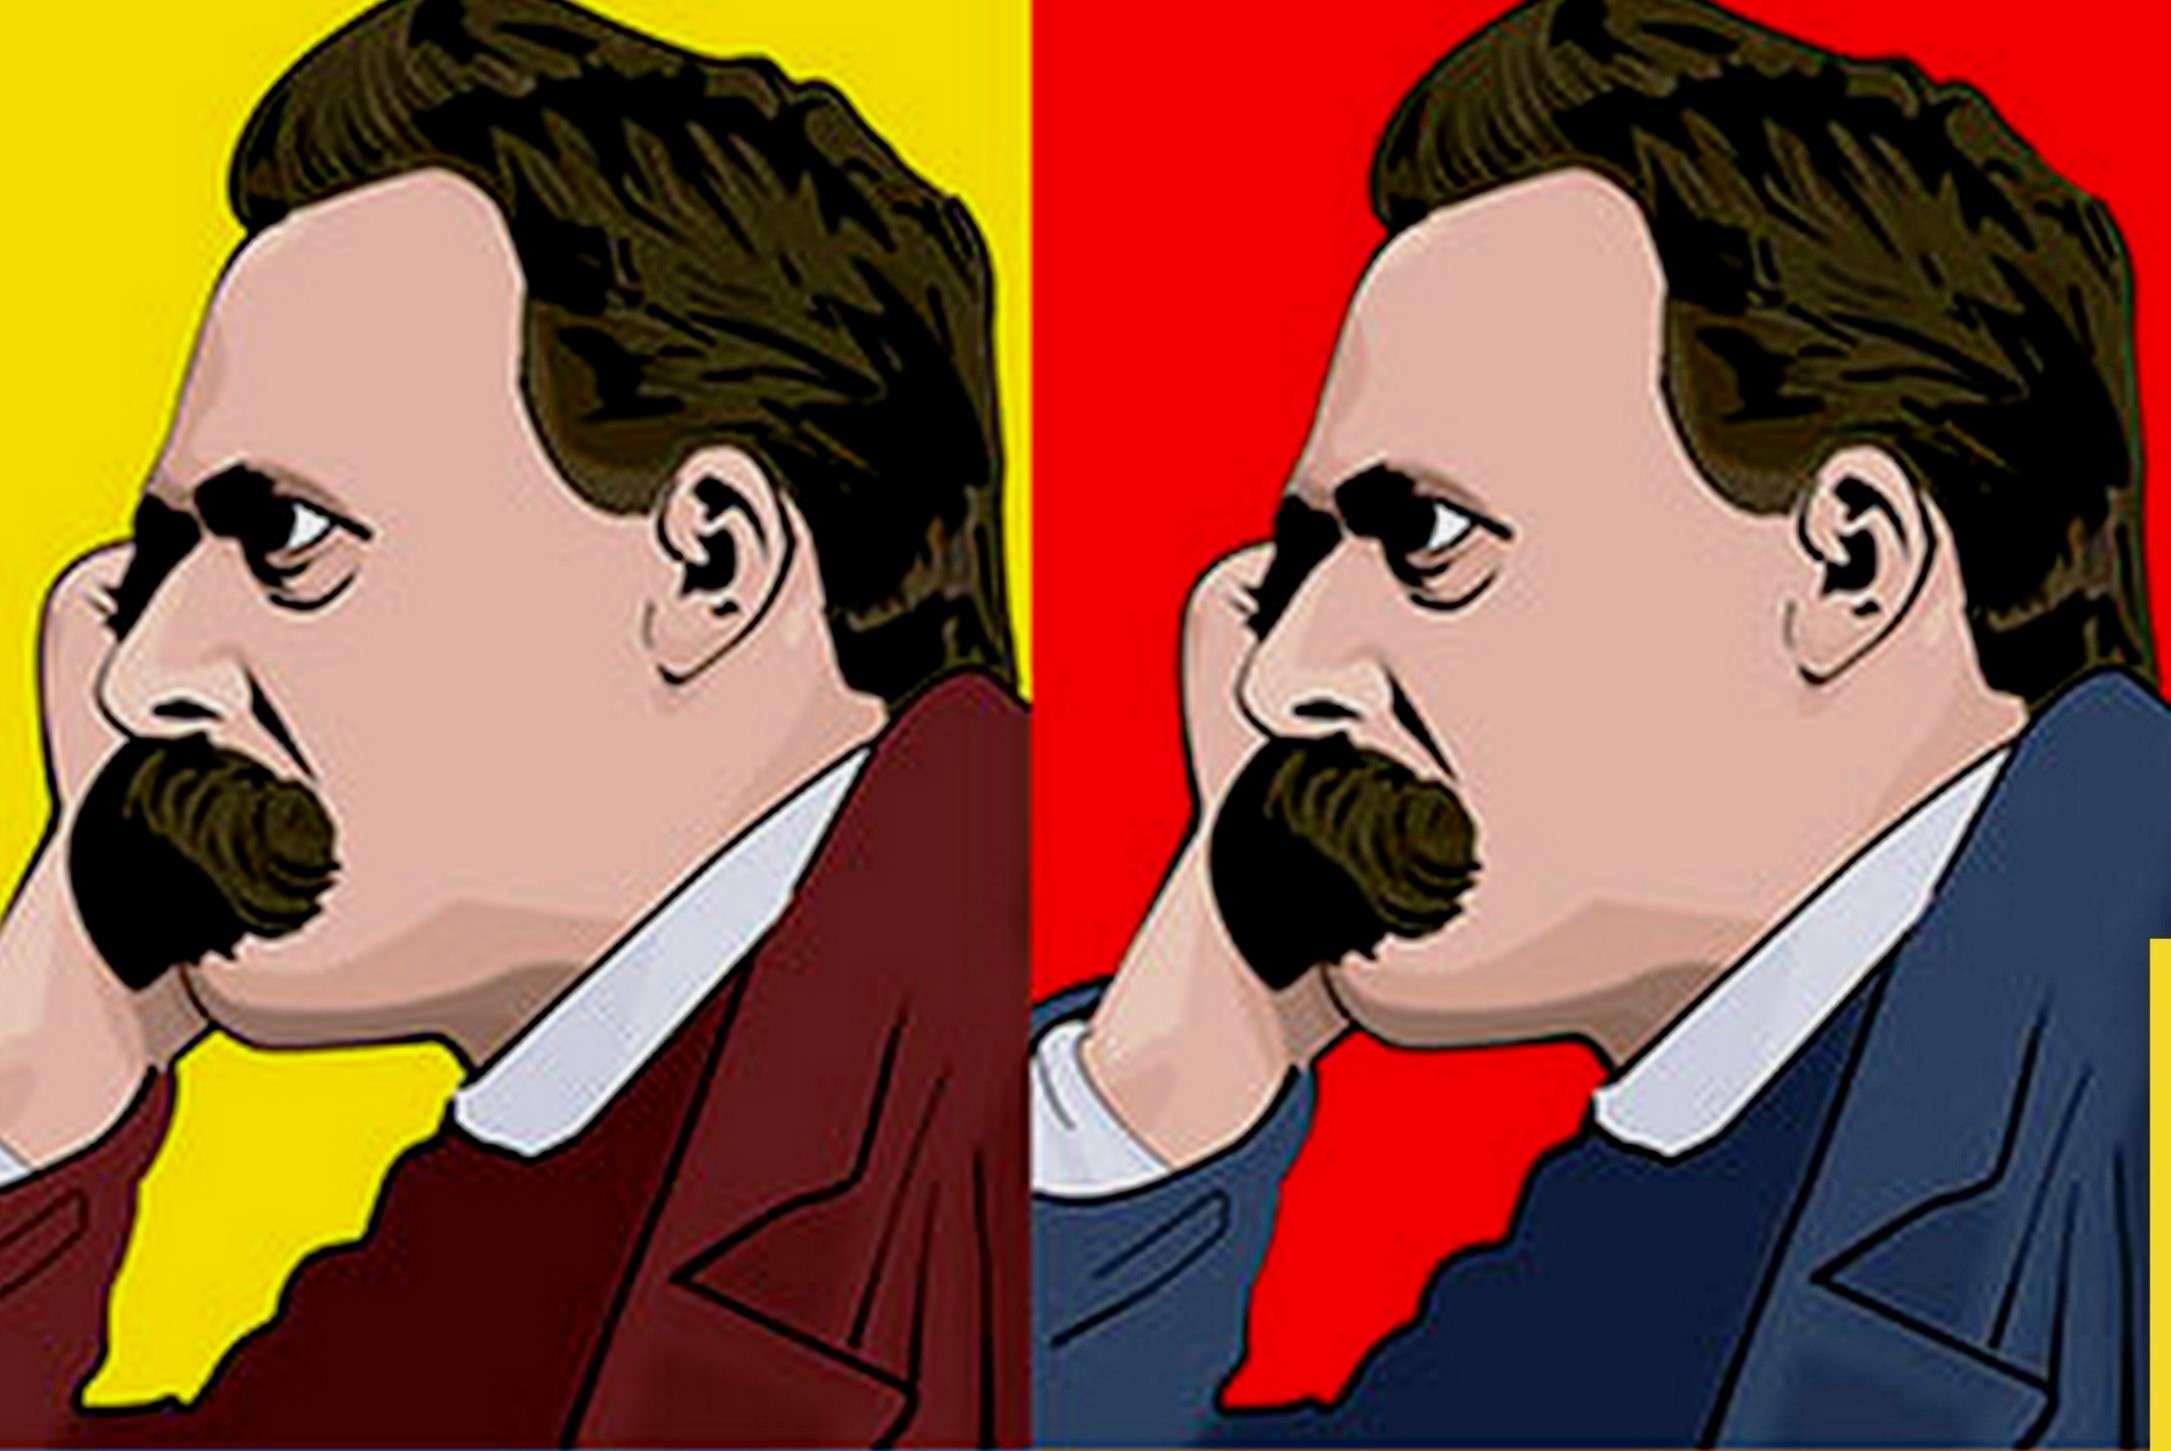 Ο Φρίντριχ Βίλχελμ Νίτσε (γερμ. Friedrich Wilhelm Nietzsche) (Ραίκεν, 15 Οκτωβρίου 1844 - Βαϊμάρη, 25 Αυγούστου 1900)